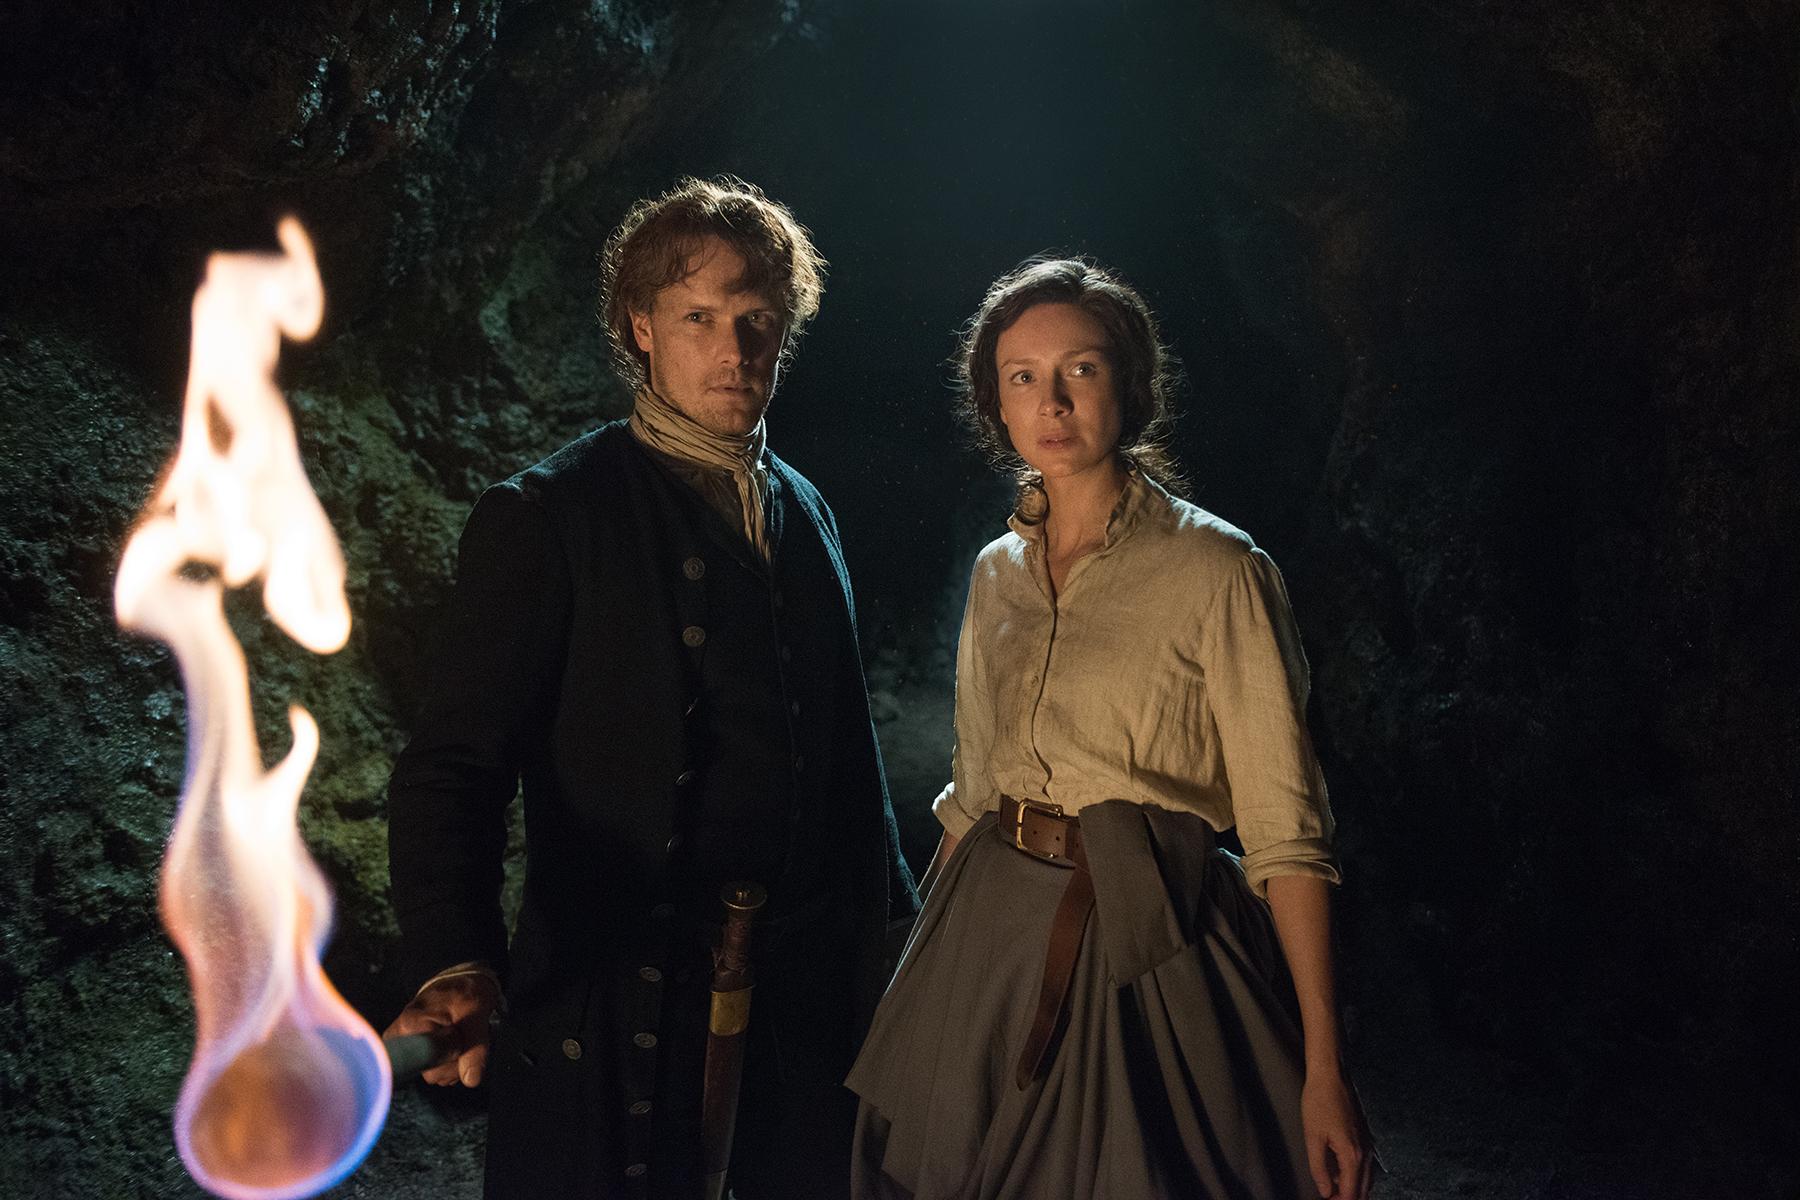 Jamie et Claire subiront les conséquences des nouveaux membres.  Photo: (IMDB)